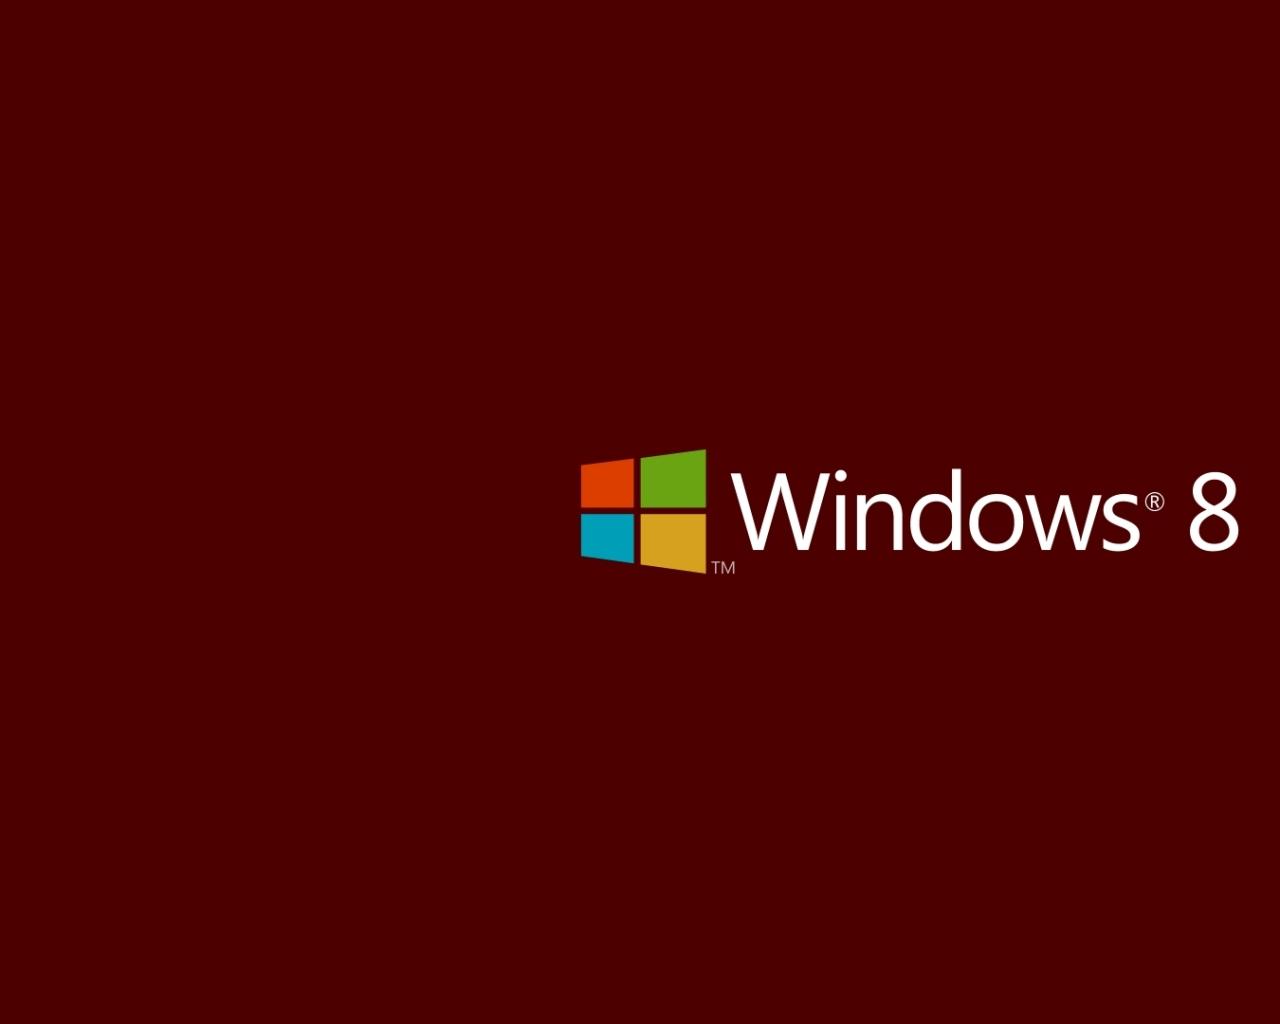 windows 8 backgrounds 1920x1080 wallpaper Art HD Wallpaper download 1280x1024